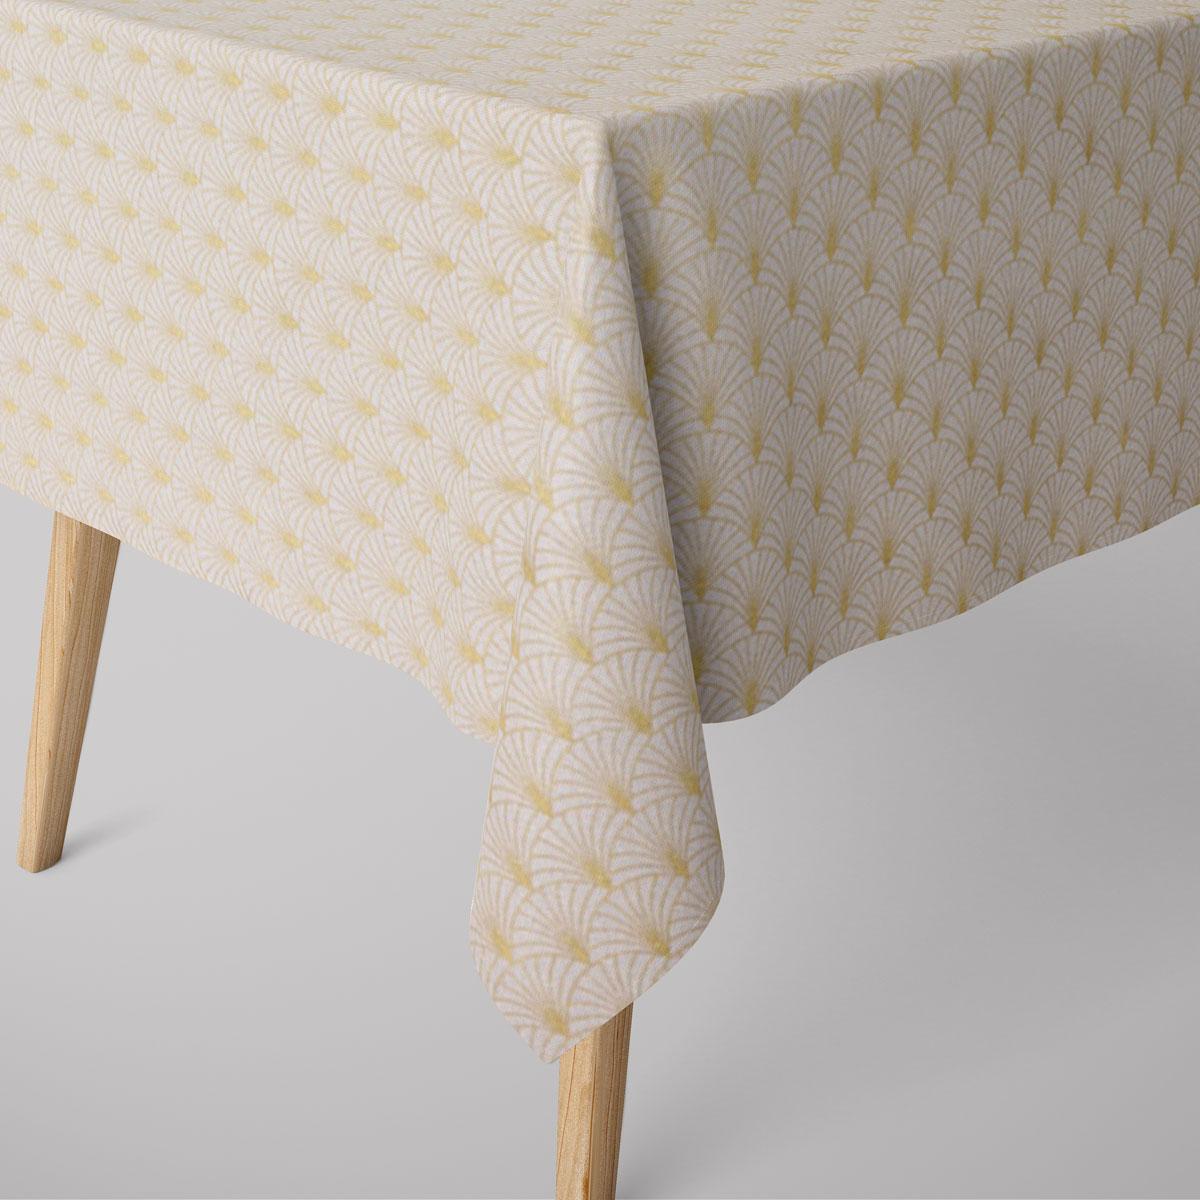 SCHÖNER LEBEN. Tischdecke Glamour Schuppen Fächer creme goldfarbig verschiedene Größen